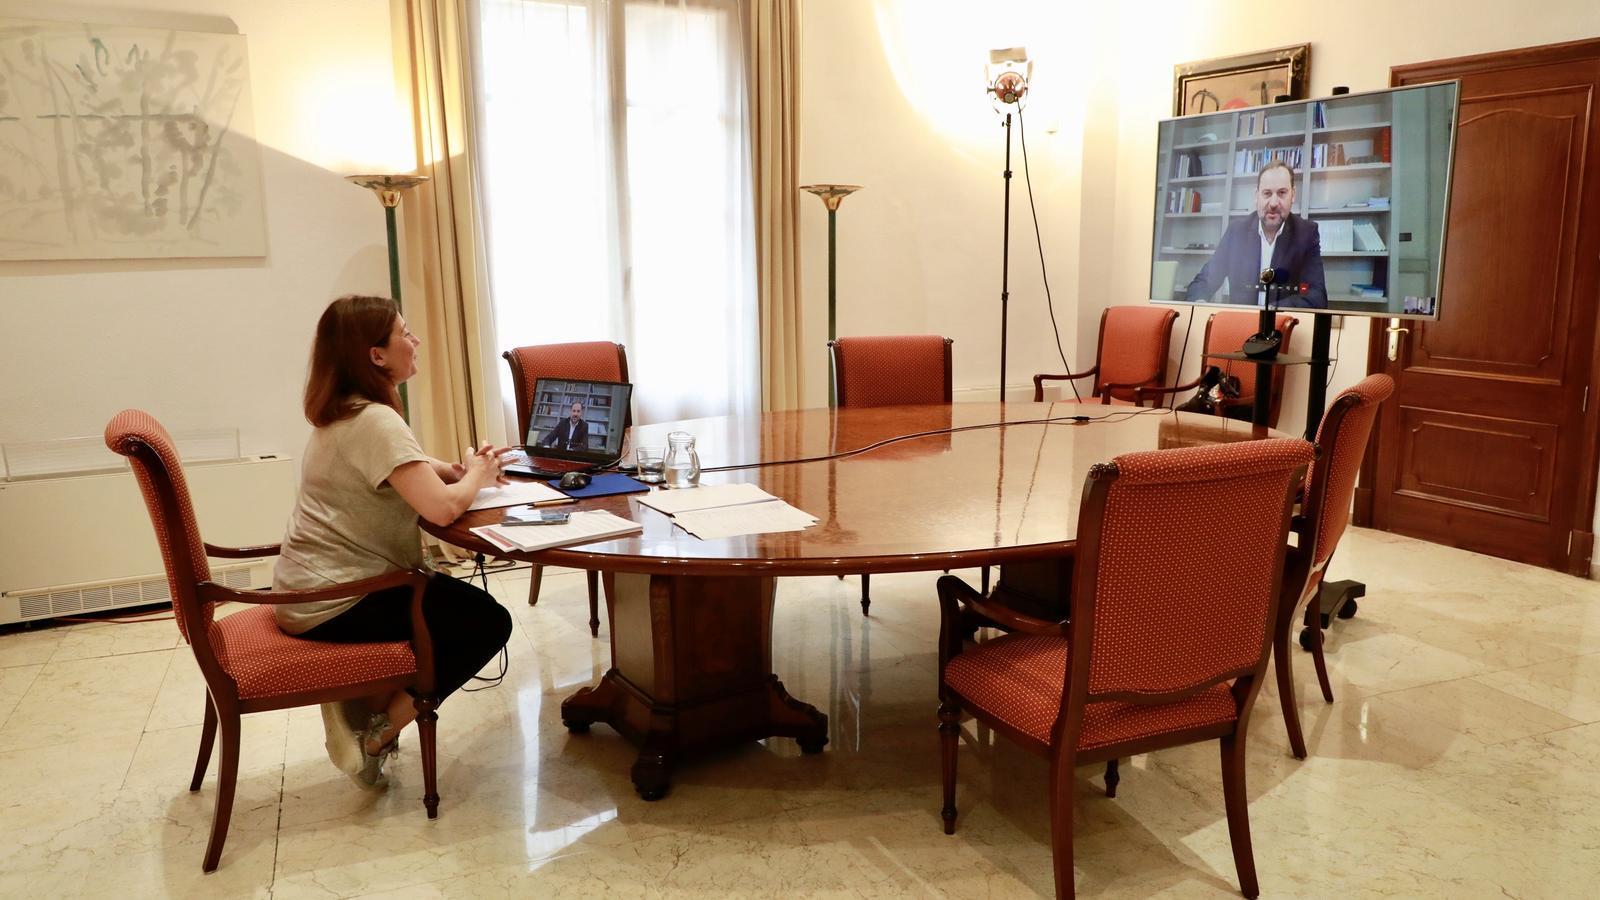 Imatge de la reunió entre la presidenta del Govern, Francina Armengol, i el ministre de Transports, Mobilitat i Agenda Urbana, José Luis Ábalos.